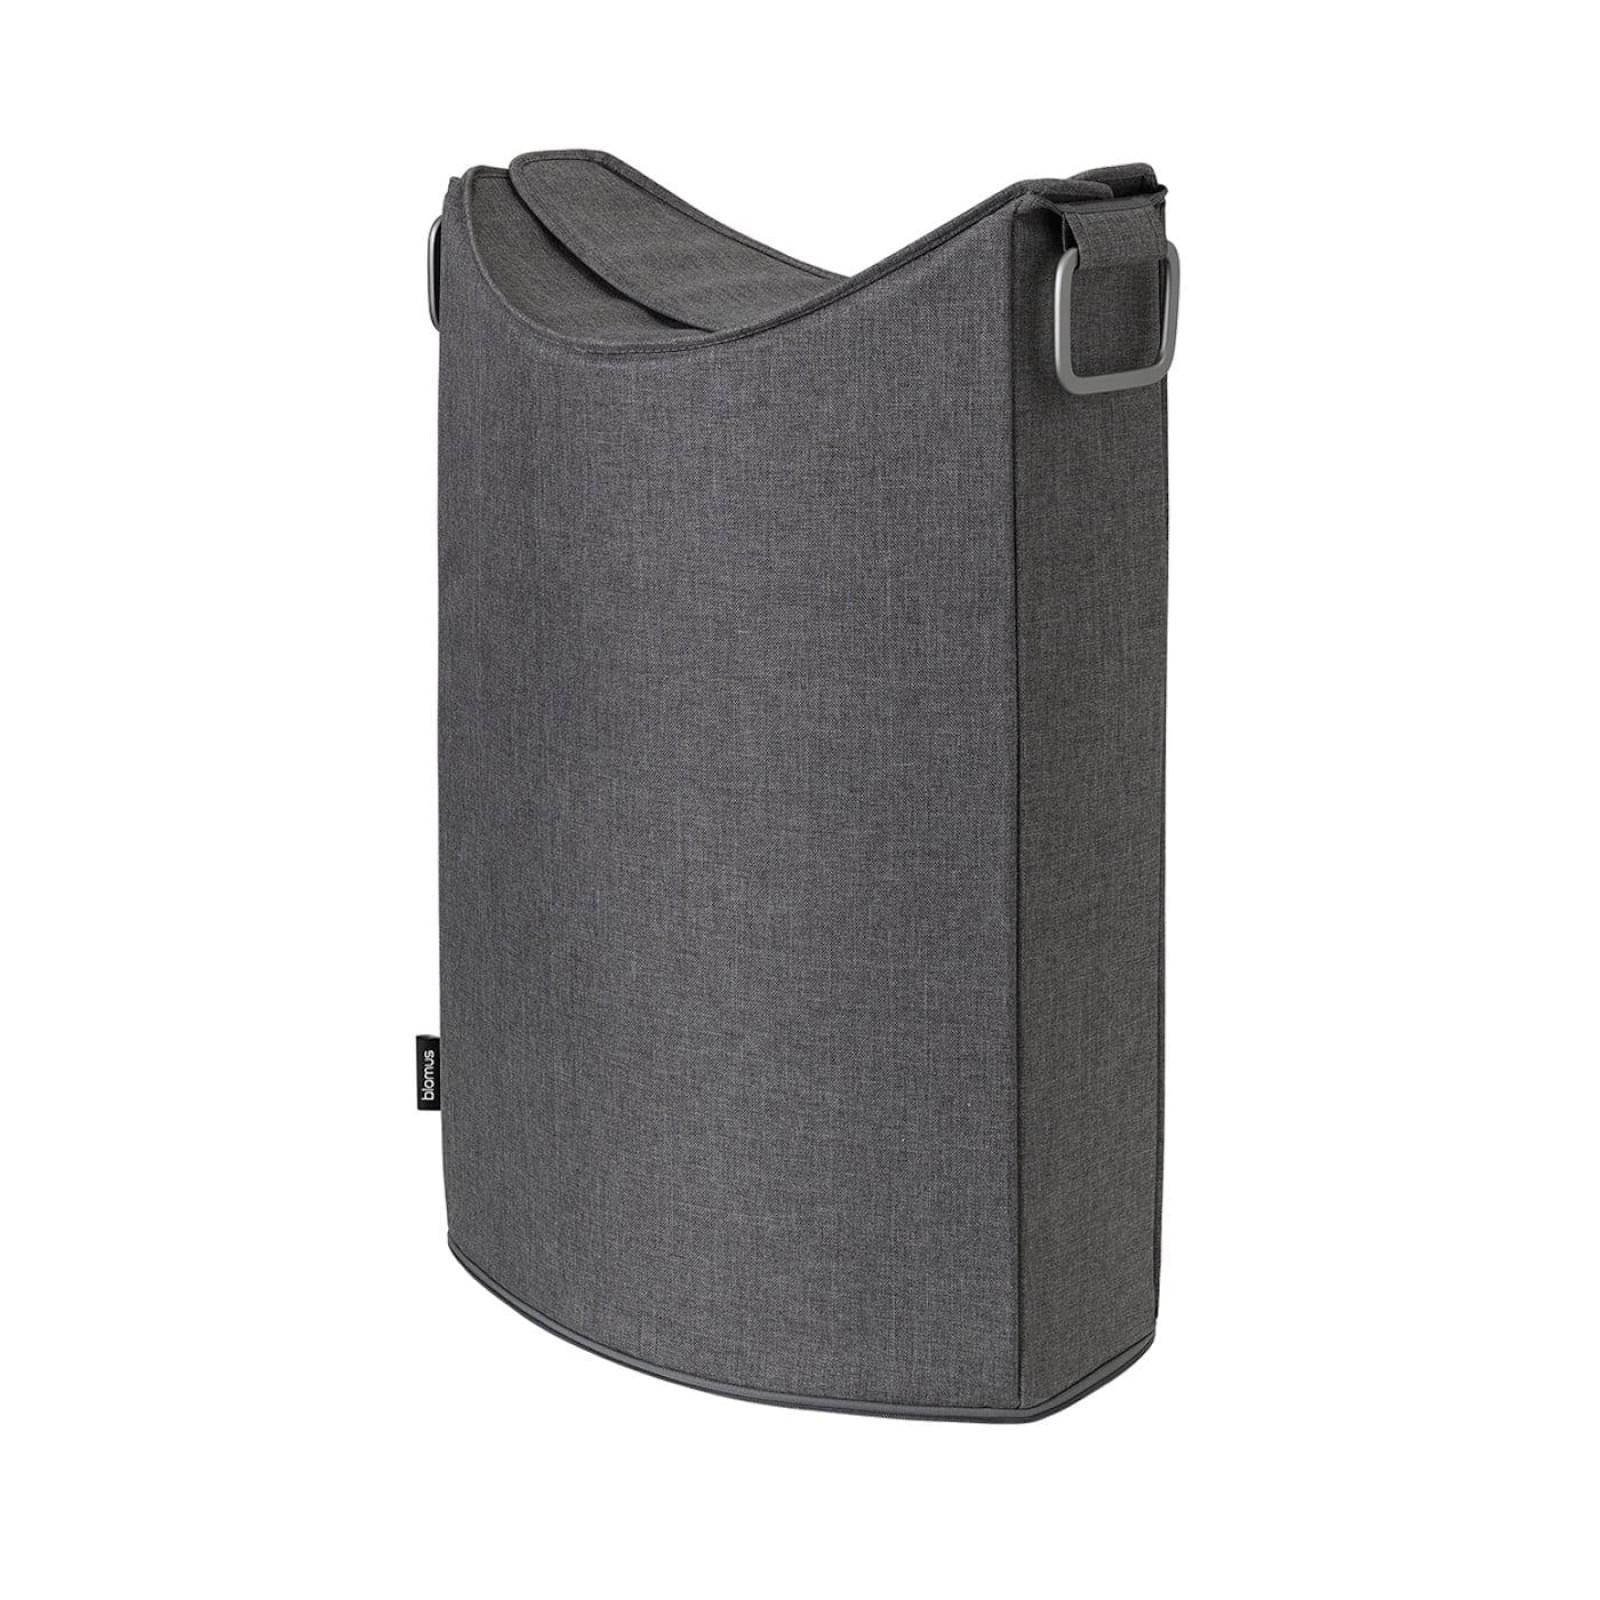 FRISCO LOUNGE Laundry Bin (Steel Grey) - Blomus